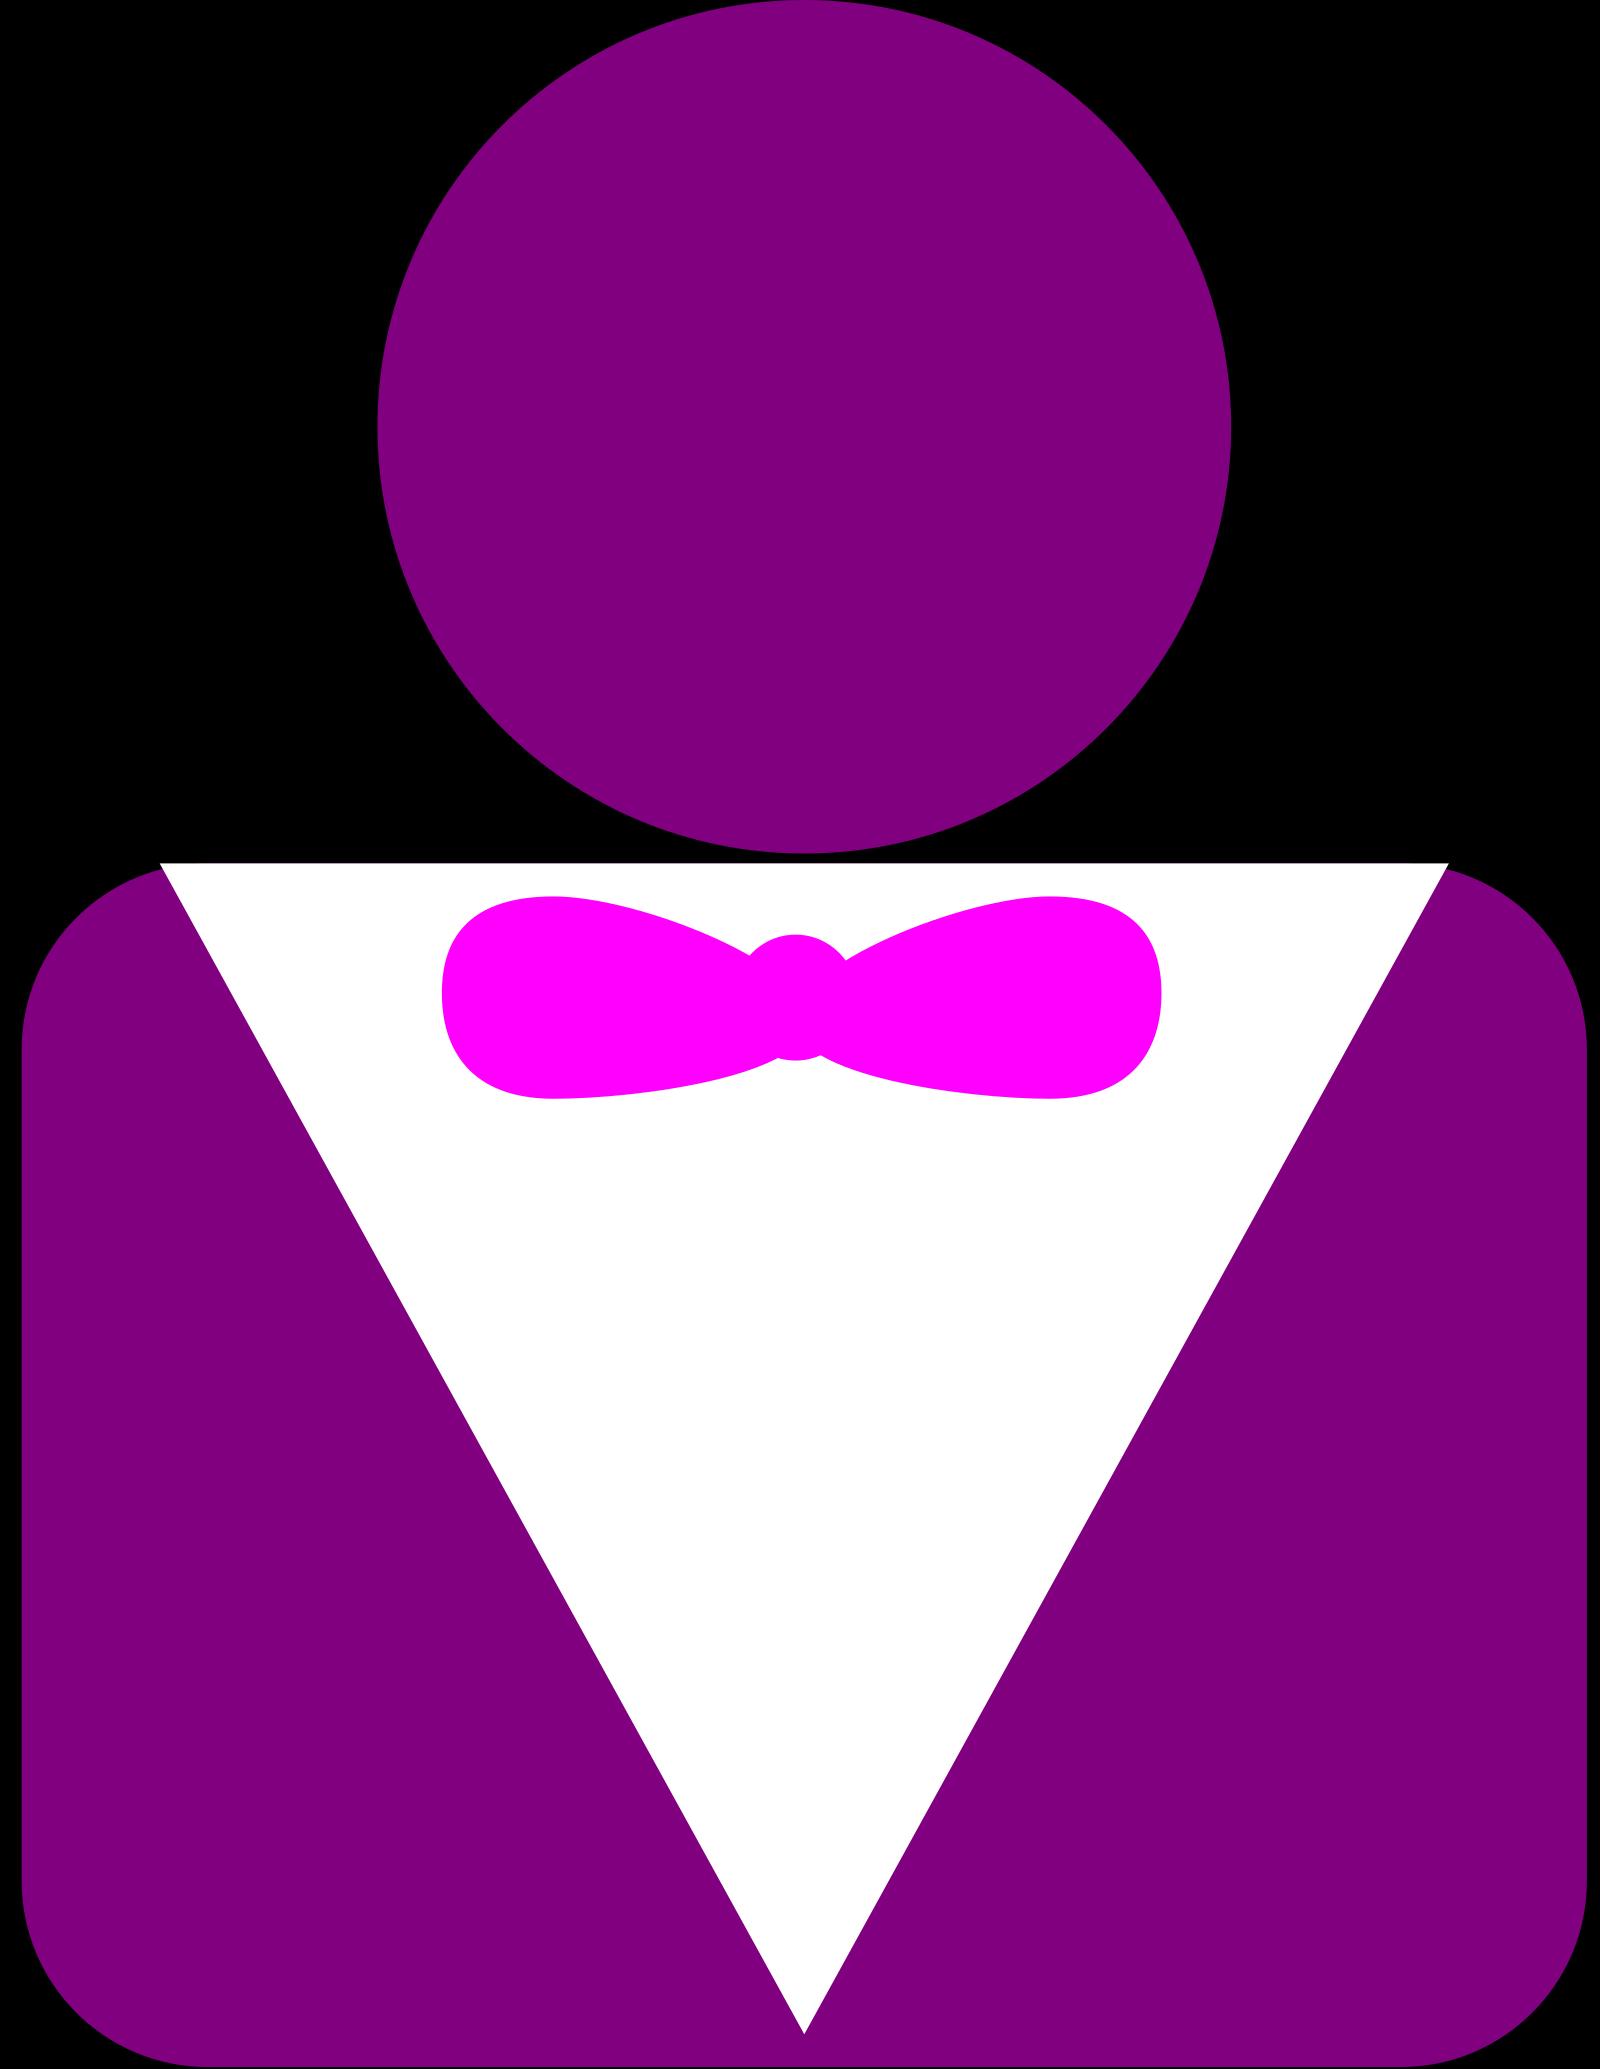 Bow Tie SVG Clip arts